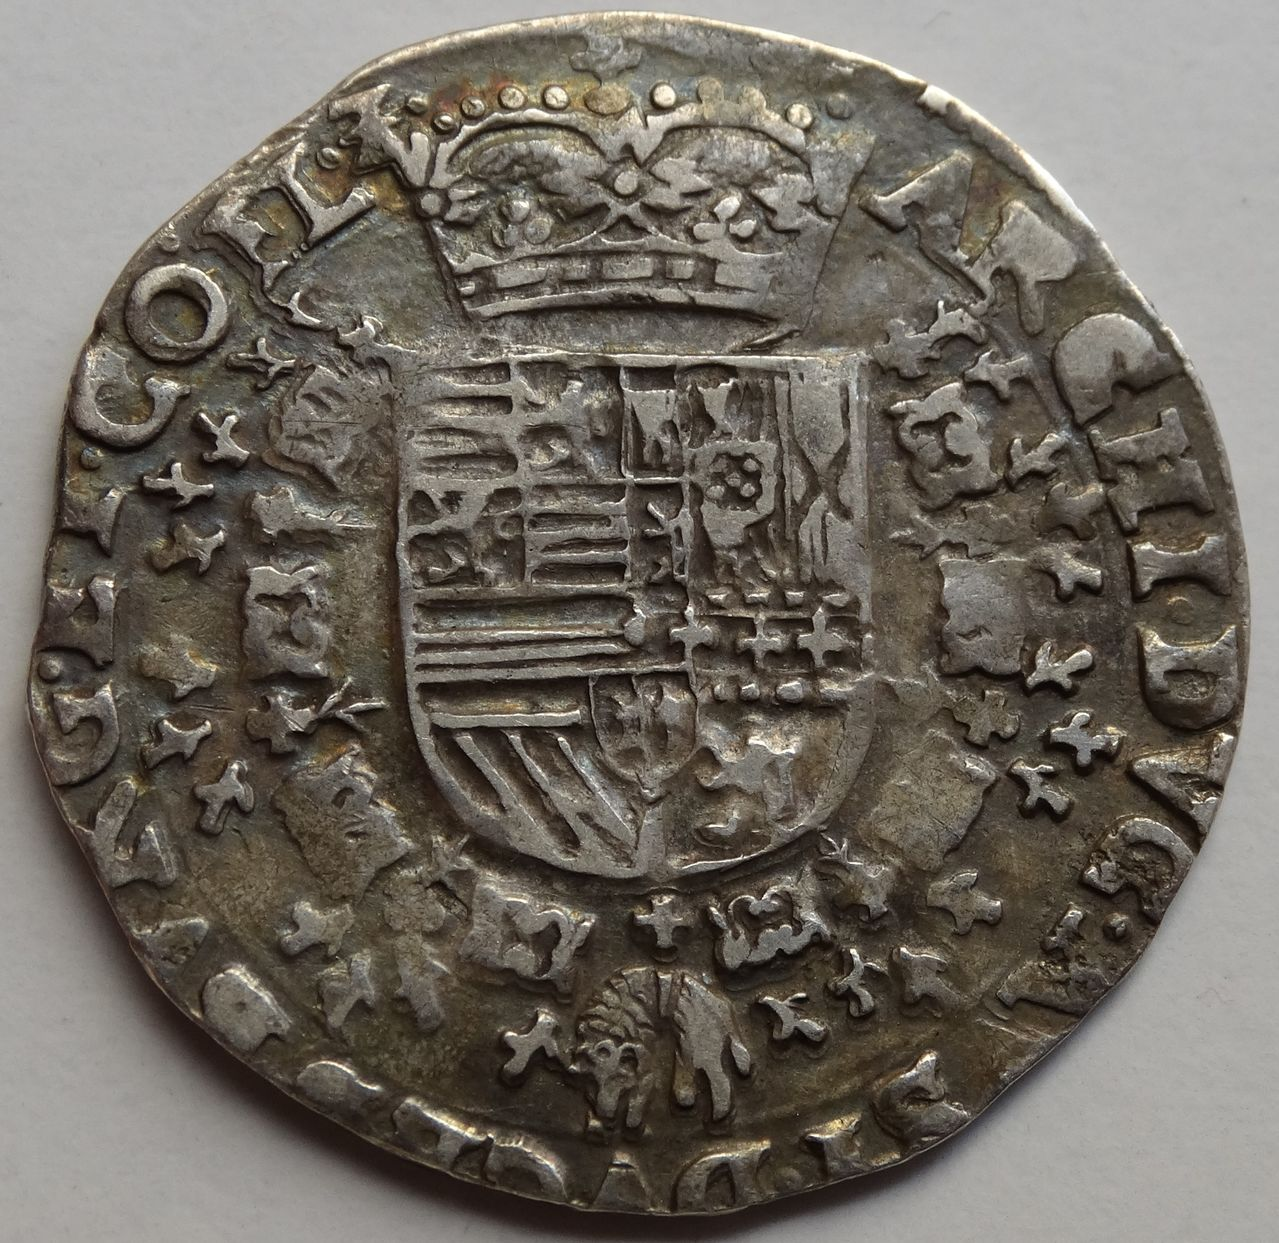 1/4 Patagon s.F (1612/1621) Alberto e Isabel, ceca de Bujas (Flandes) DSC02305